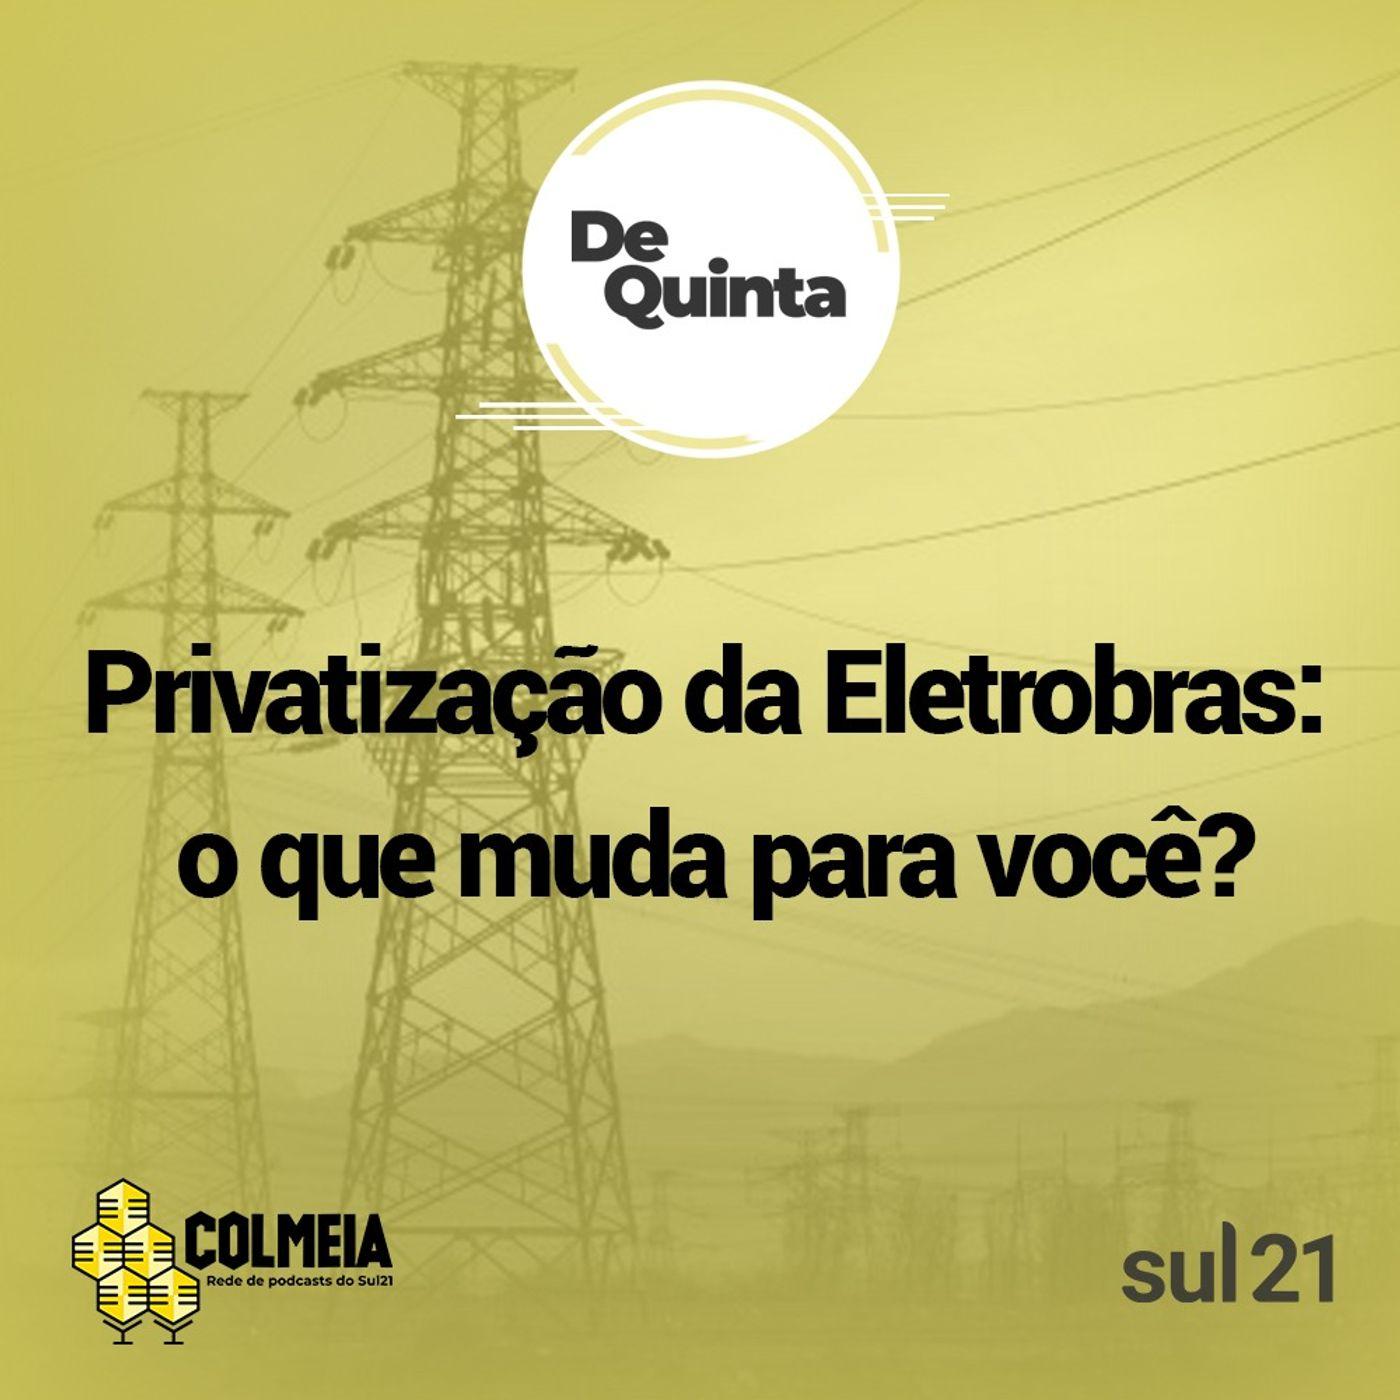 De Quinta ep.45 - Privatização da Eletrobras: o que muda para você?